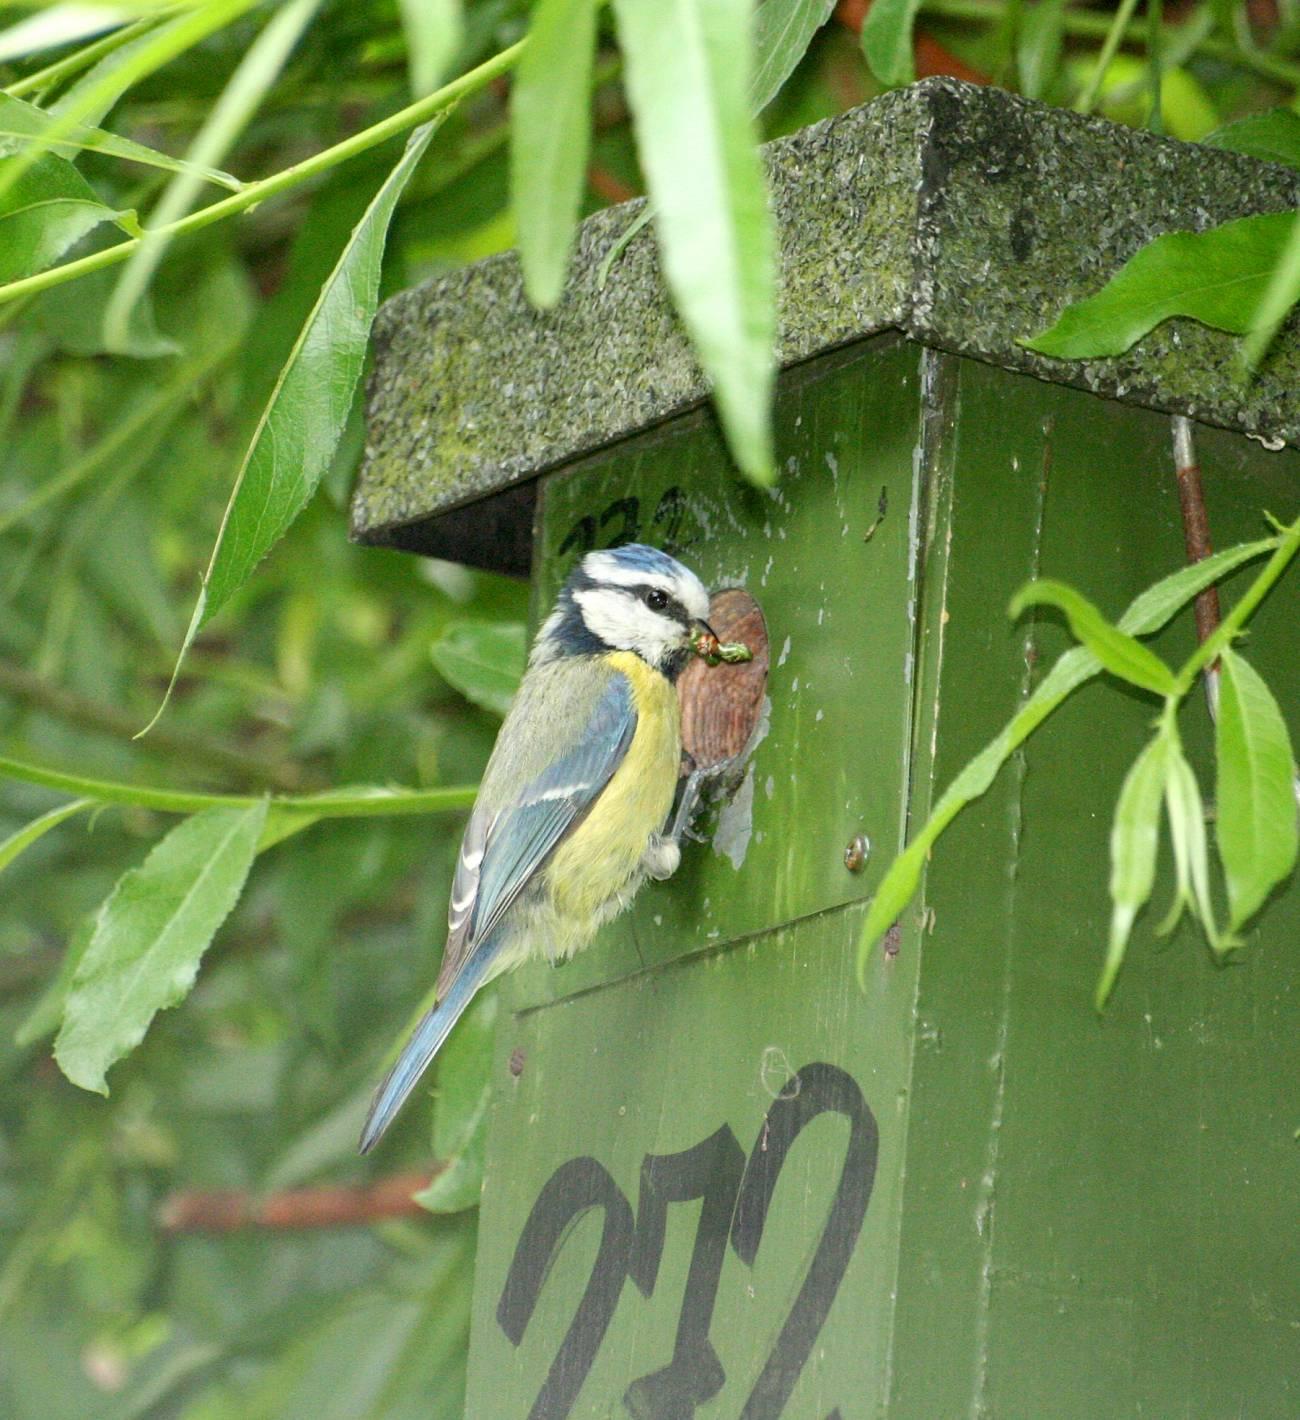 Las aves pueden detectar a sus depredadores por su olor